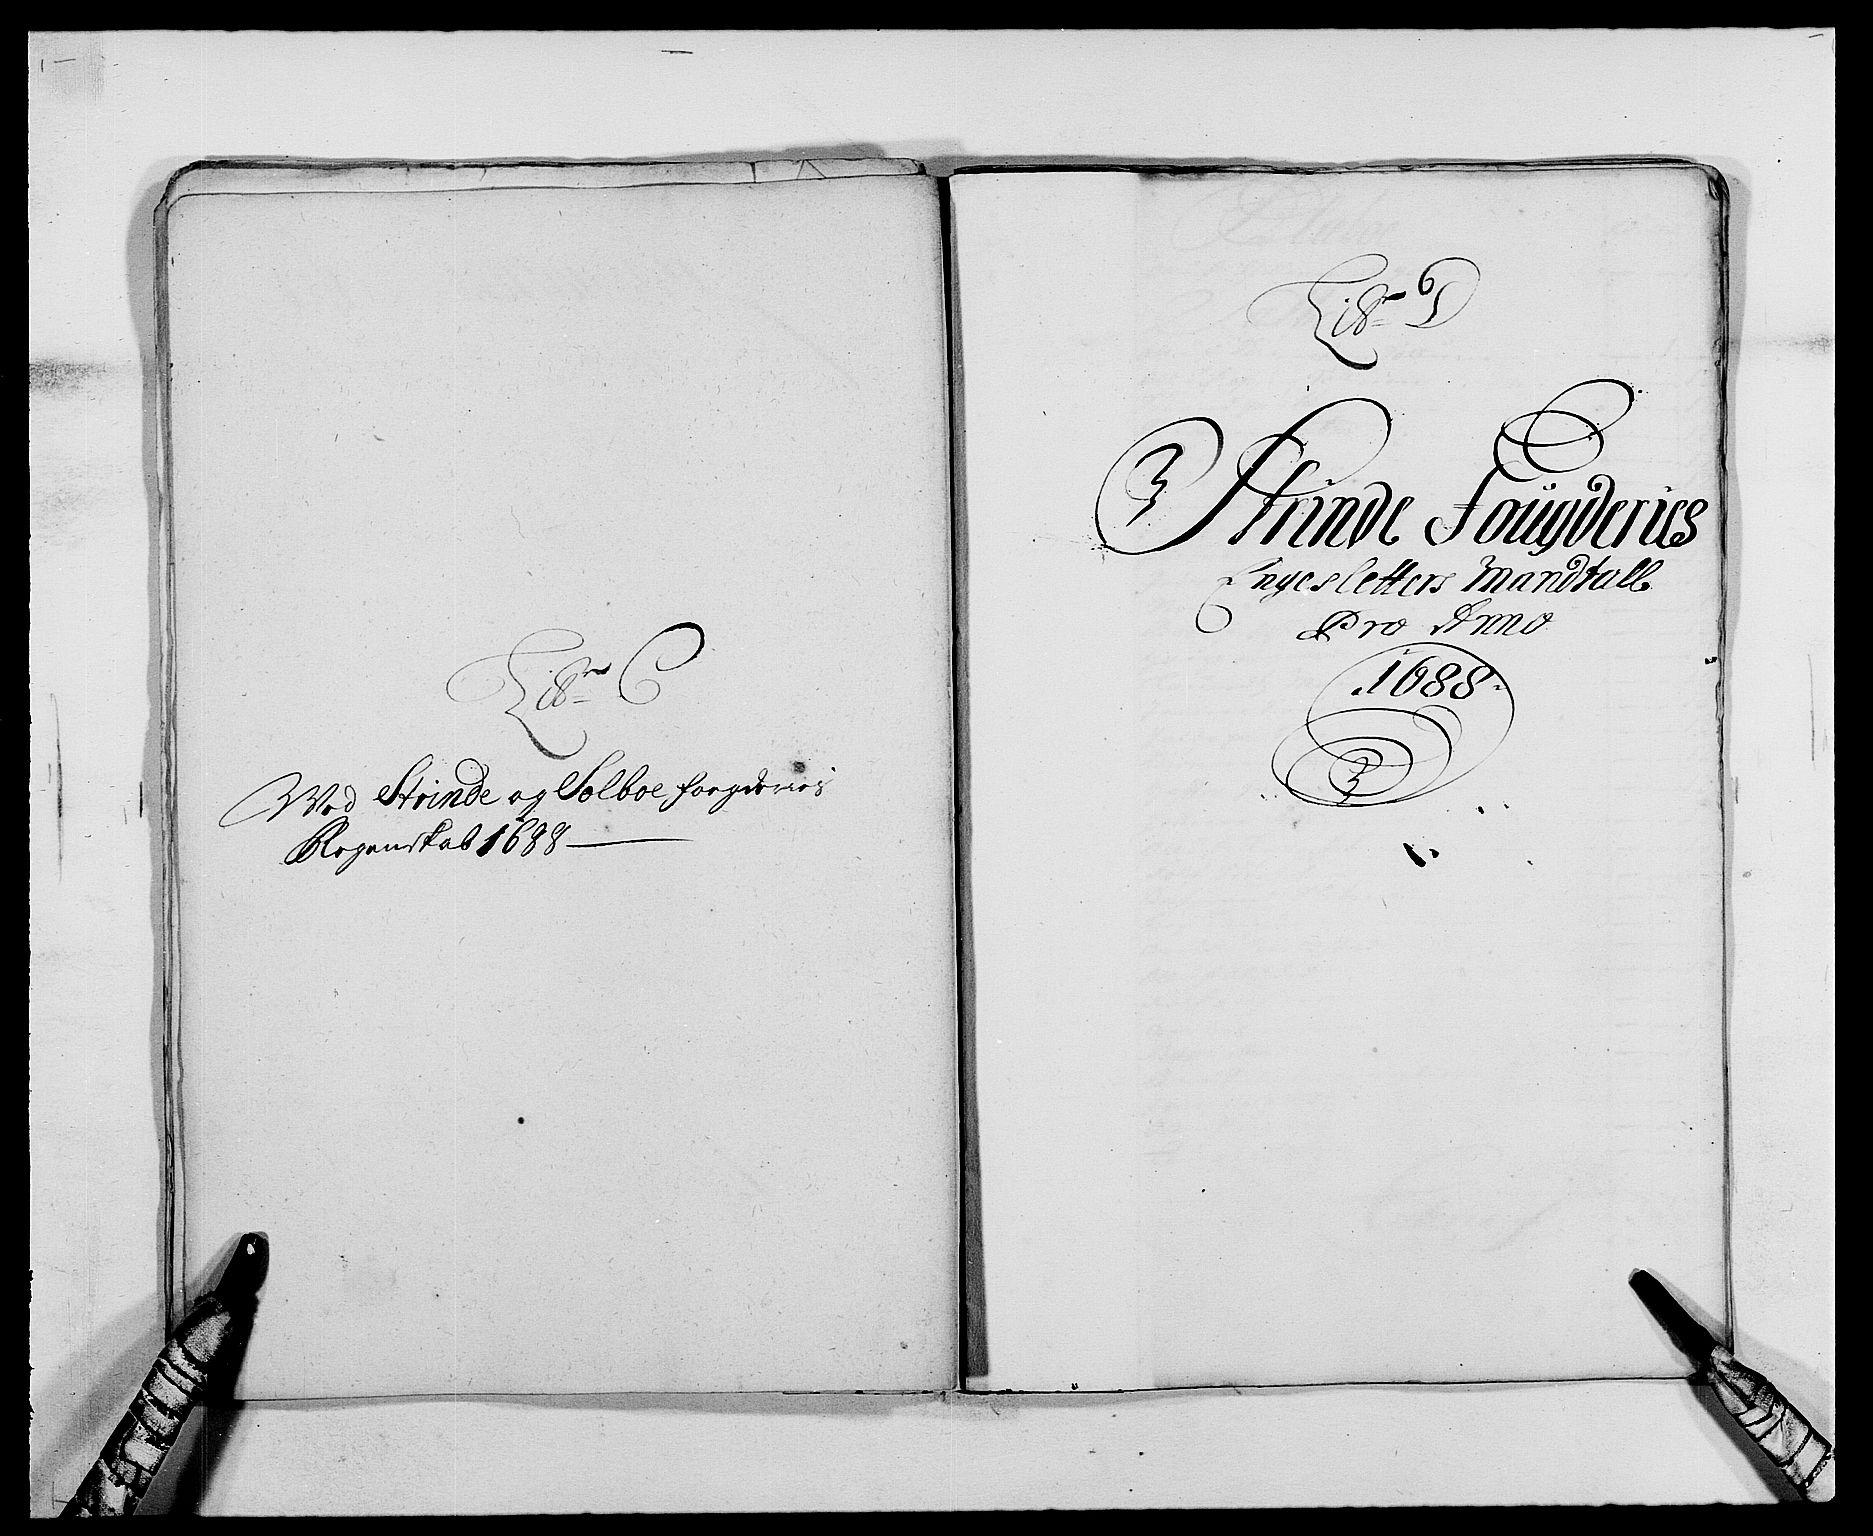 RA, Rentekammeret inntil 1814, Reviderte regnskaper, Fogderegnskap, R61/L4101: Fogderegnskap Strinda og Selbu, 1687-1688, s. 177